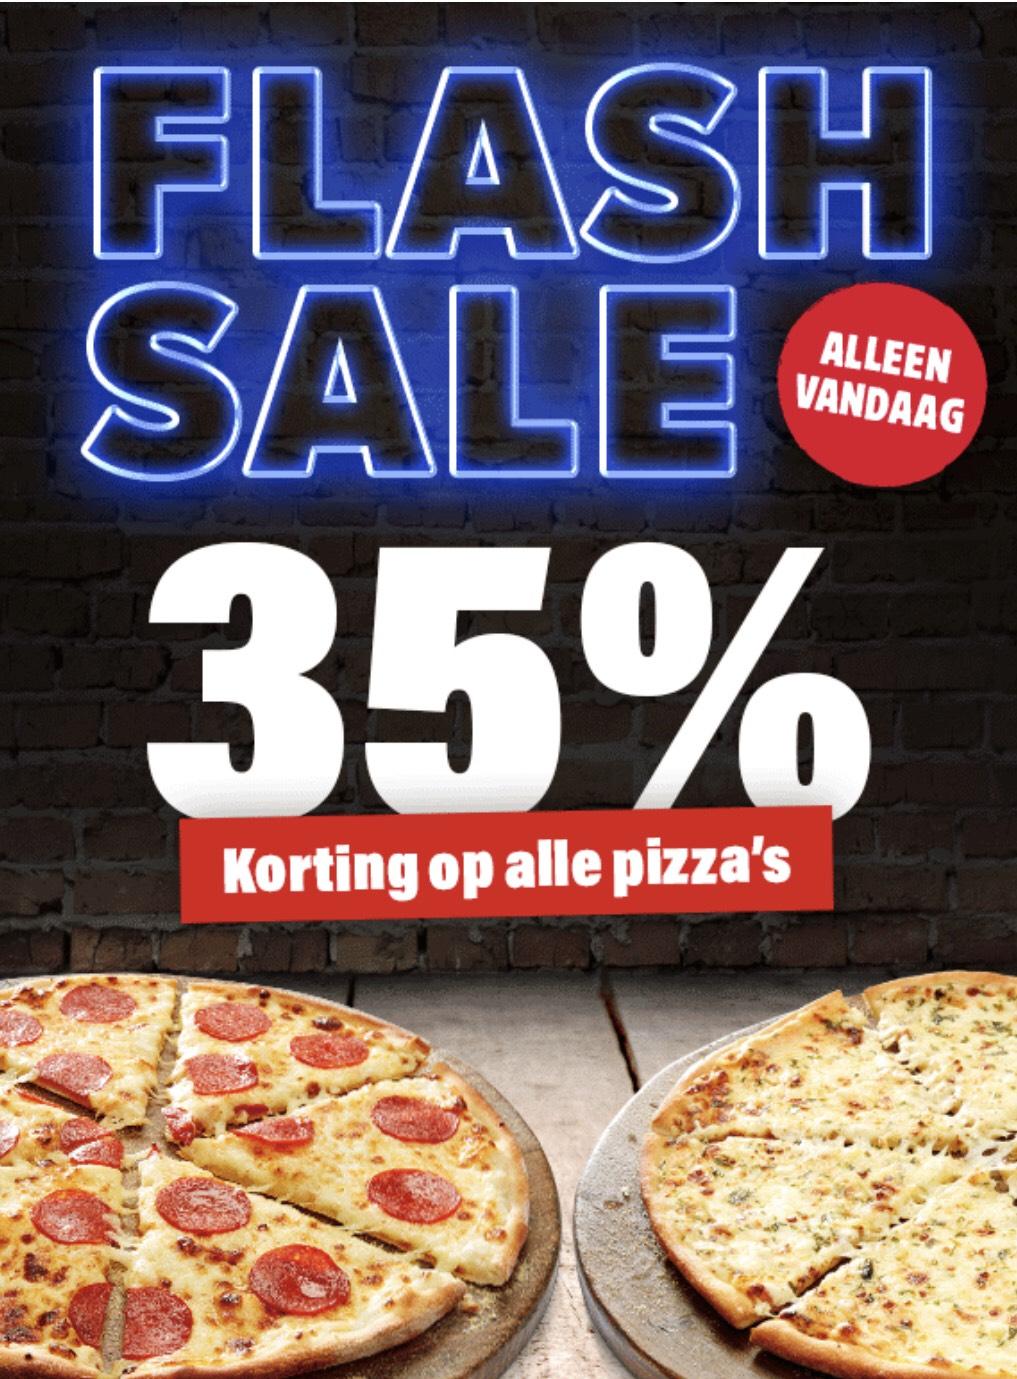 Domino's : 35% korting op alle pizza's